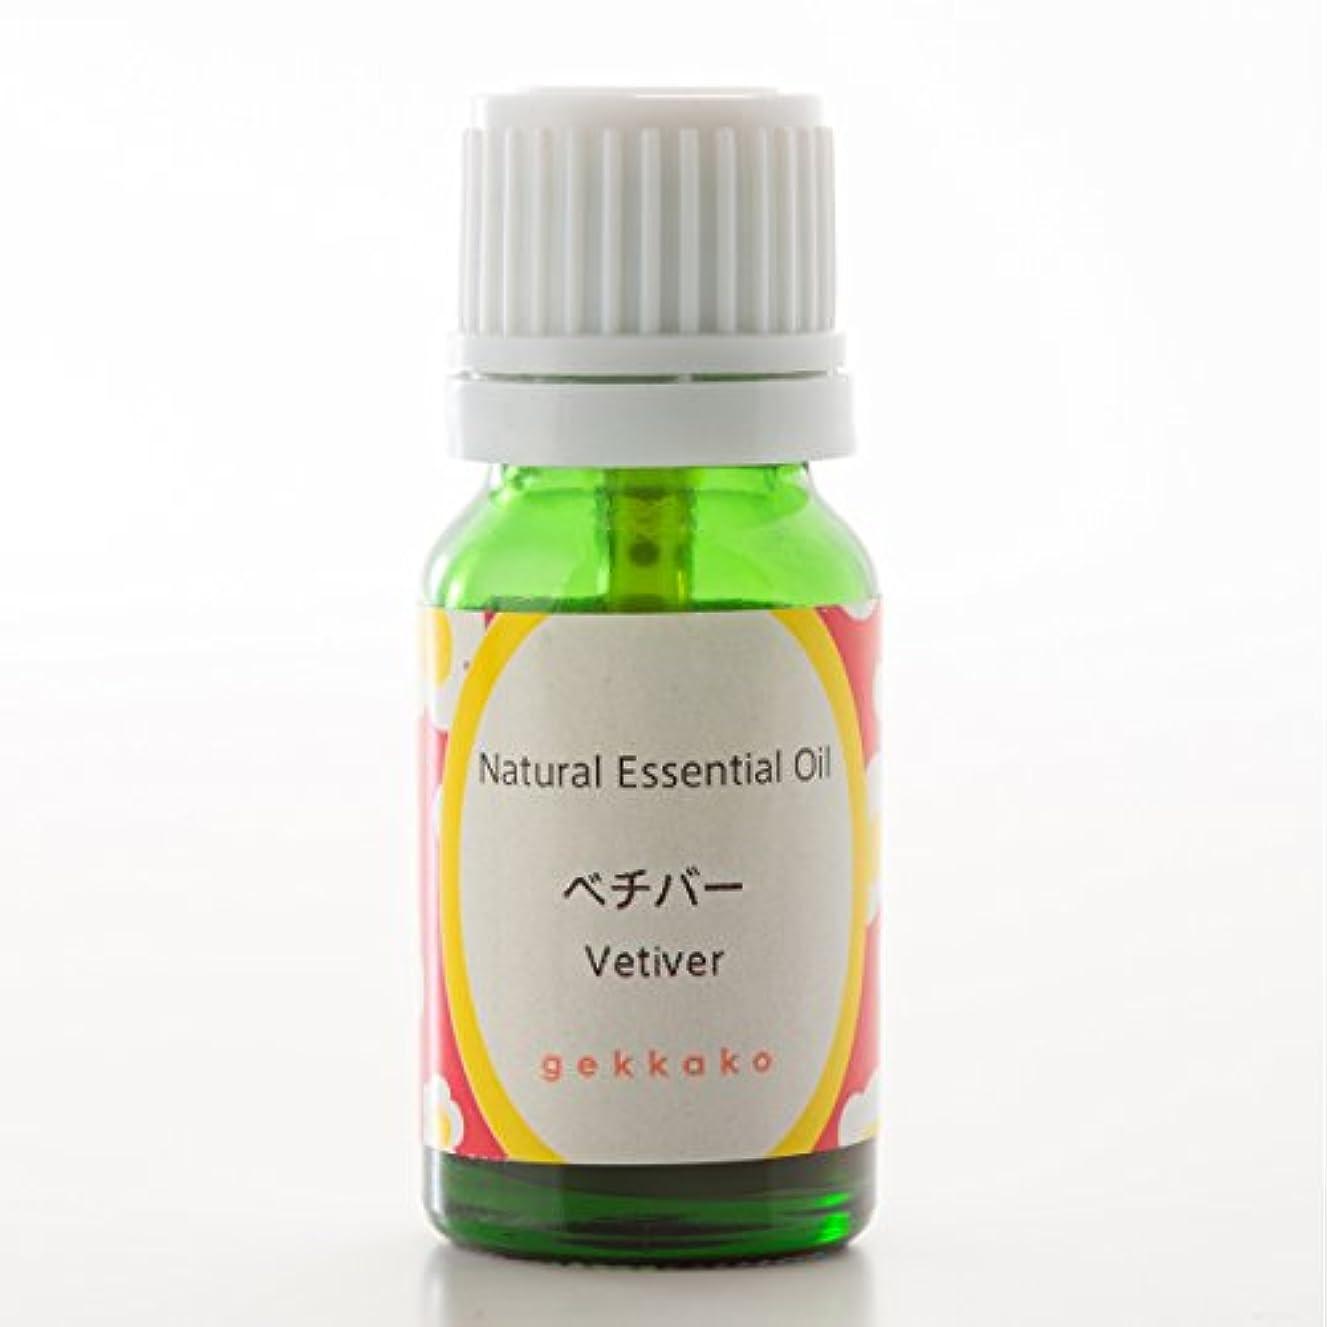 クッションその香り<月下香>エッセンシャルオイル/アロマ/ベチパー【5ml】 (5ml)